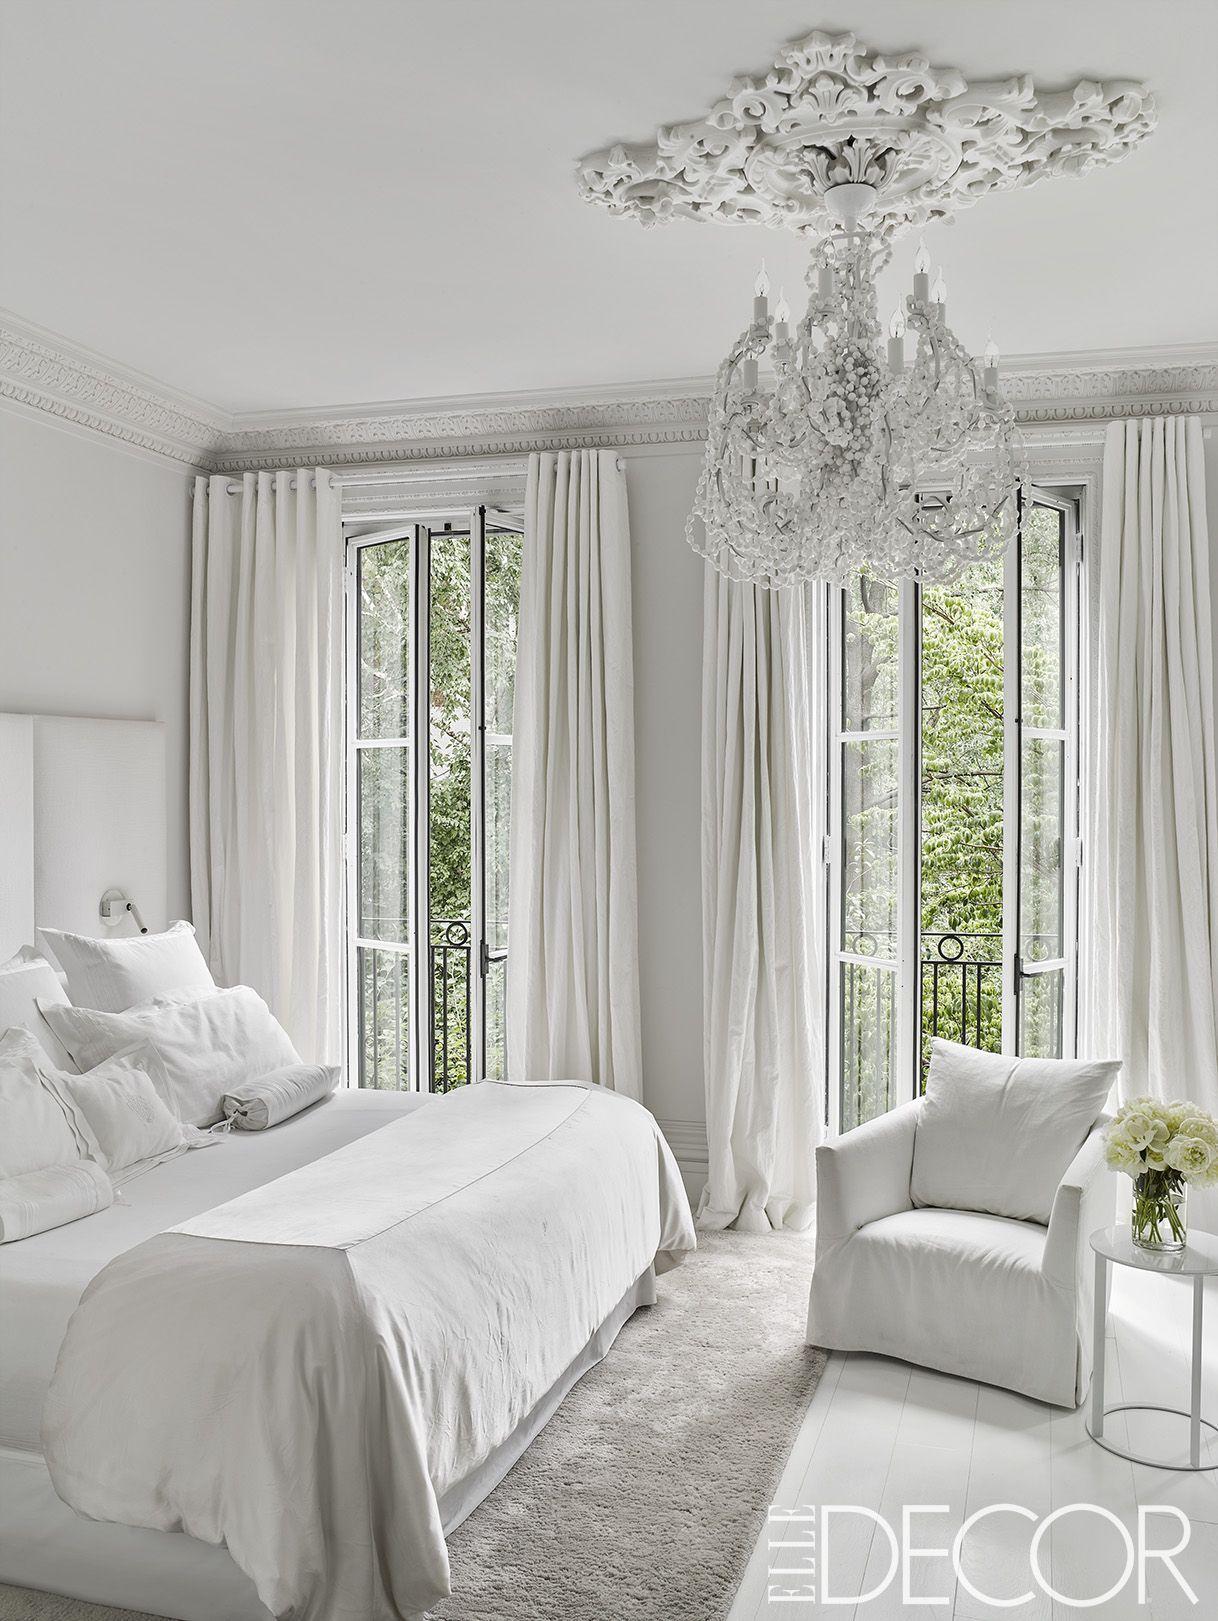 Minimalist Bedroom Decor Ideas For Maximum Relaxation Minimalist Bedroom Luxury Living Room Bedroom Interior